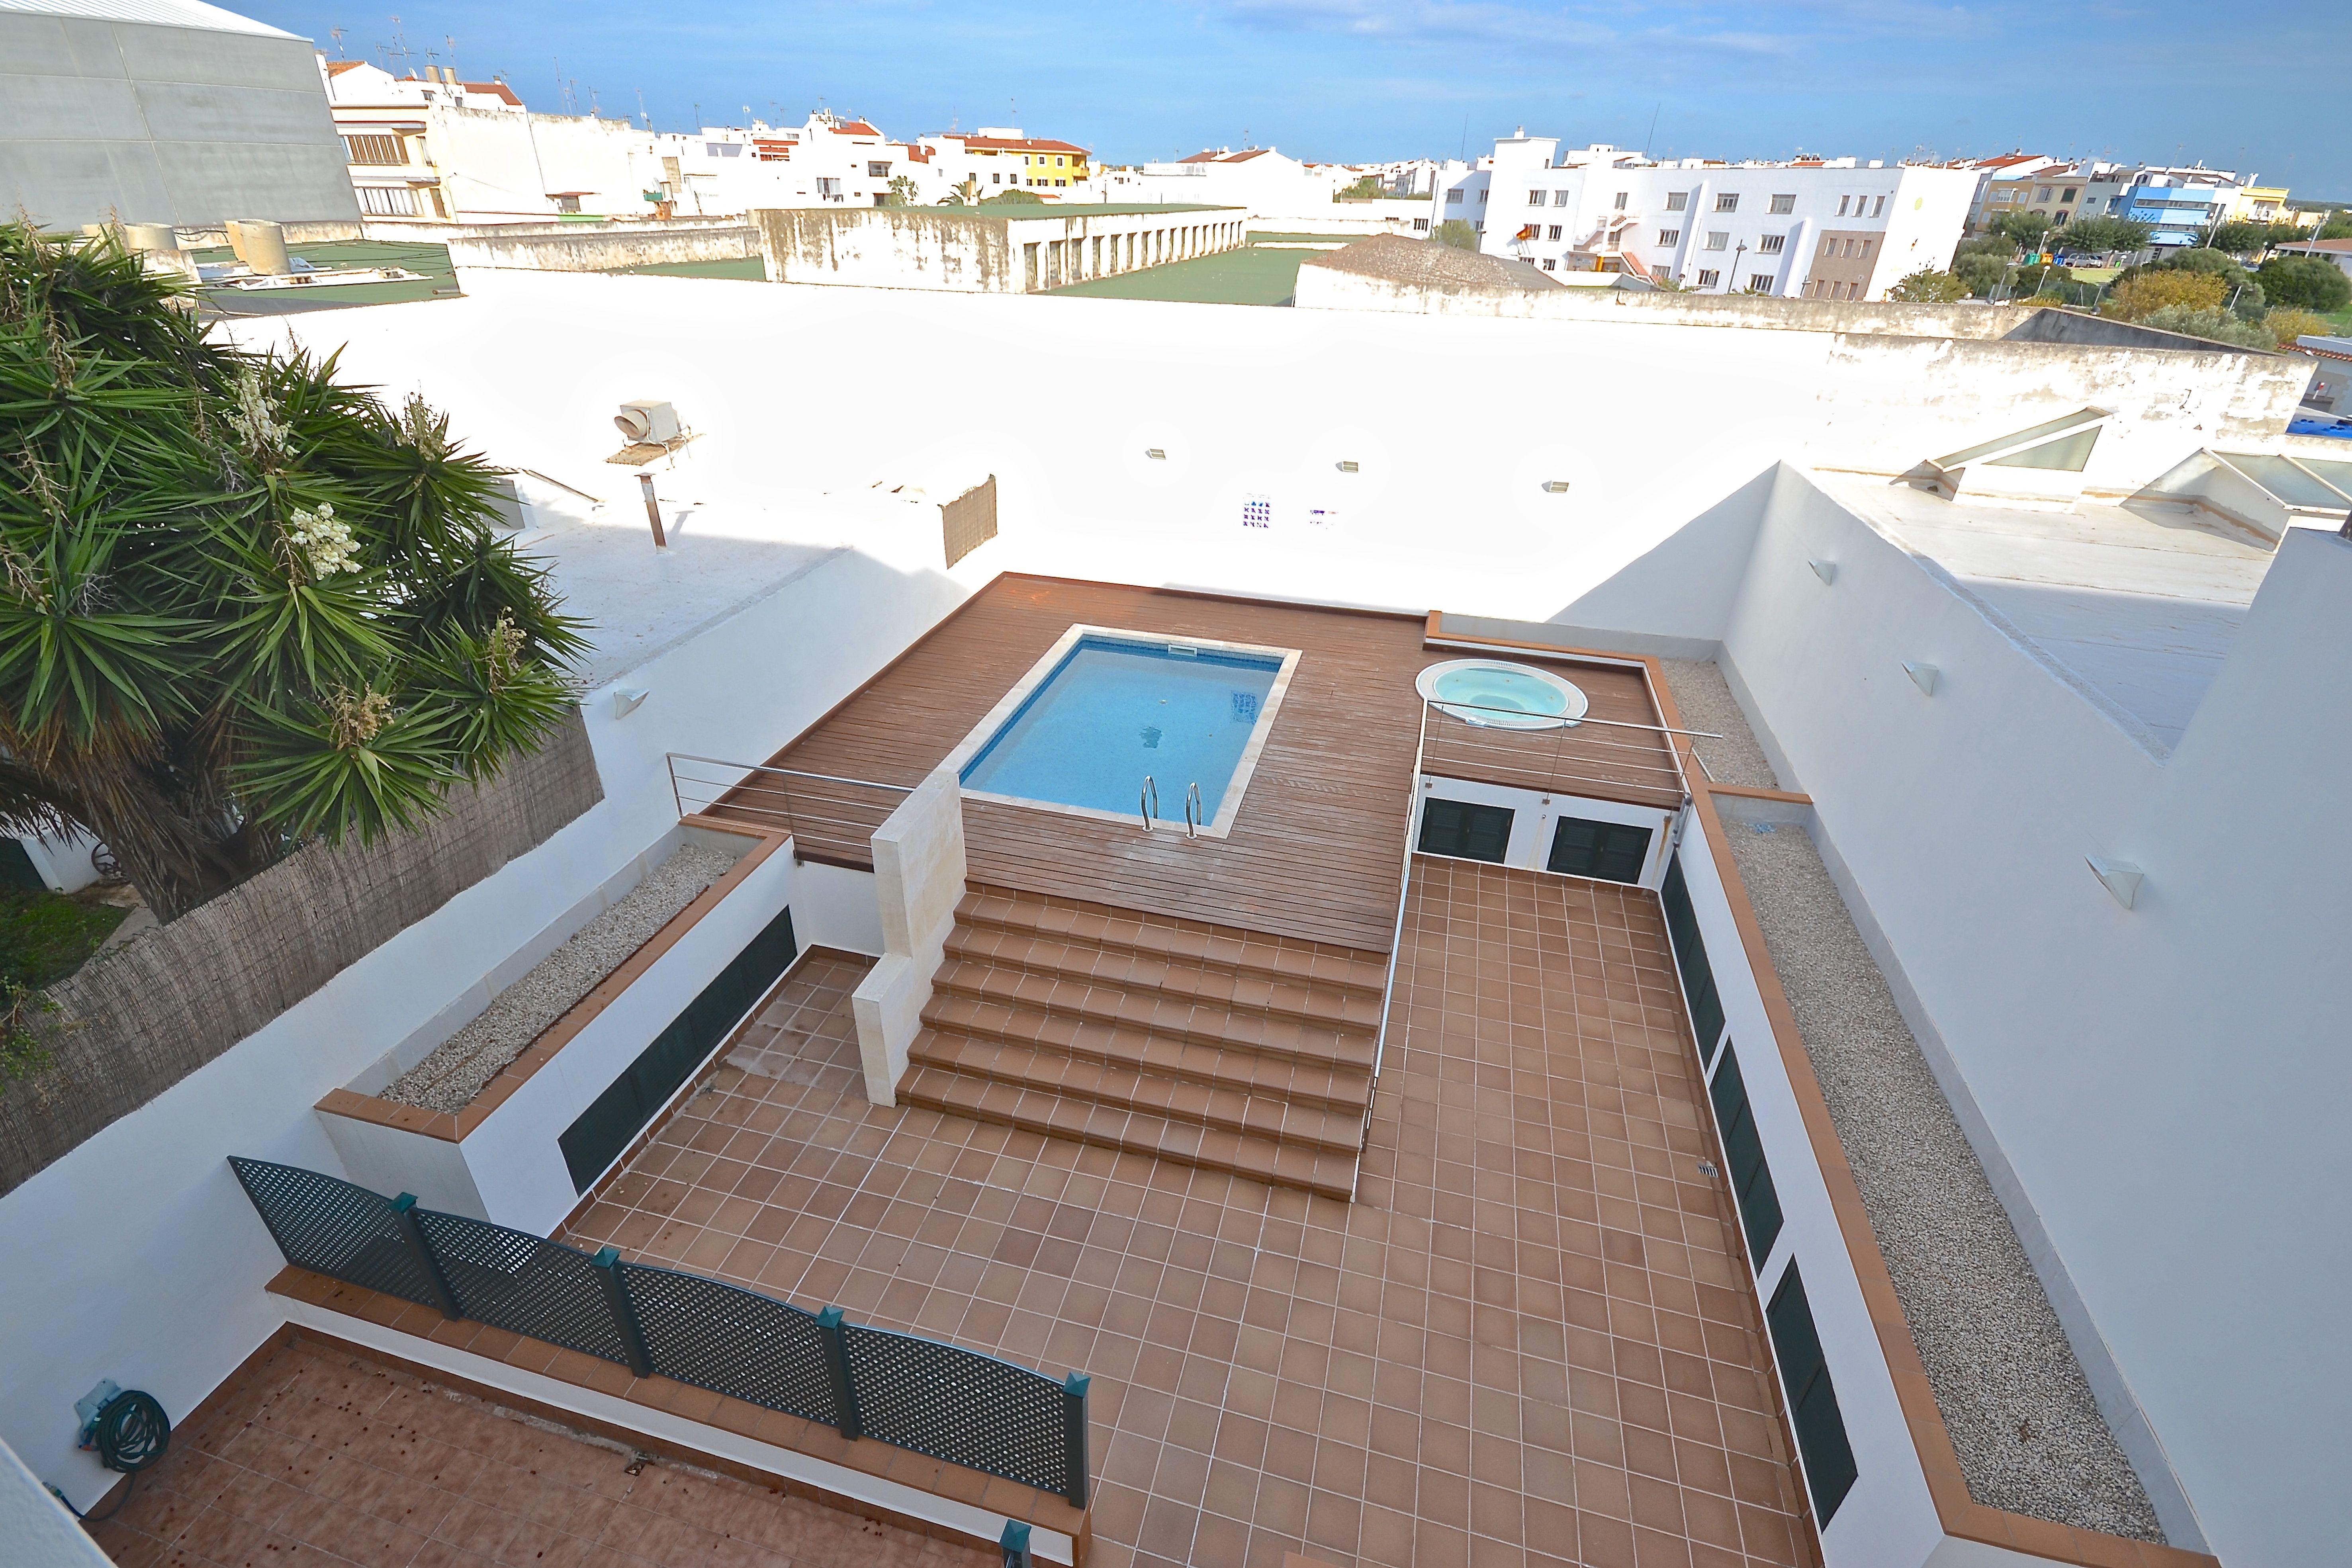 Casa en Menorca con piscina y jacuzzi Csas bonitas